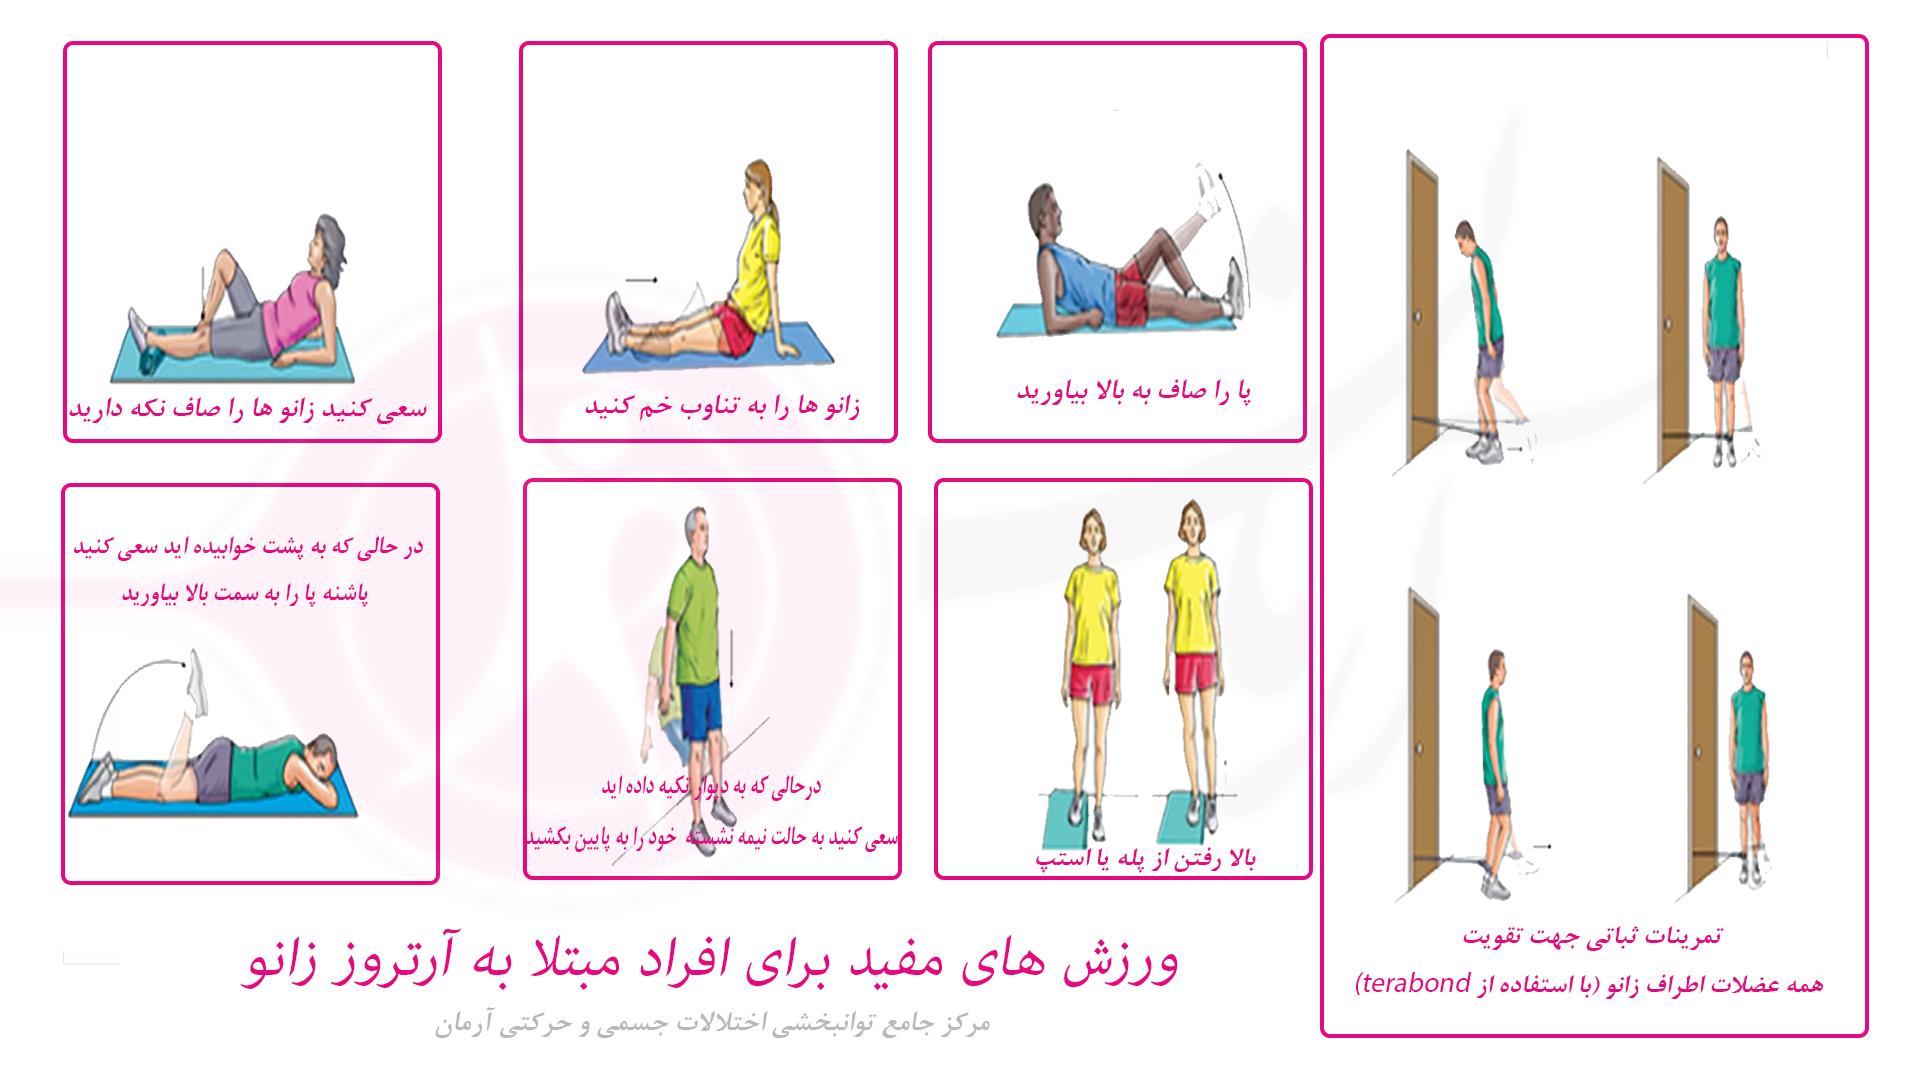 ورزش های مفید برای افراد مبتلا به آرتروز زانو